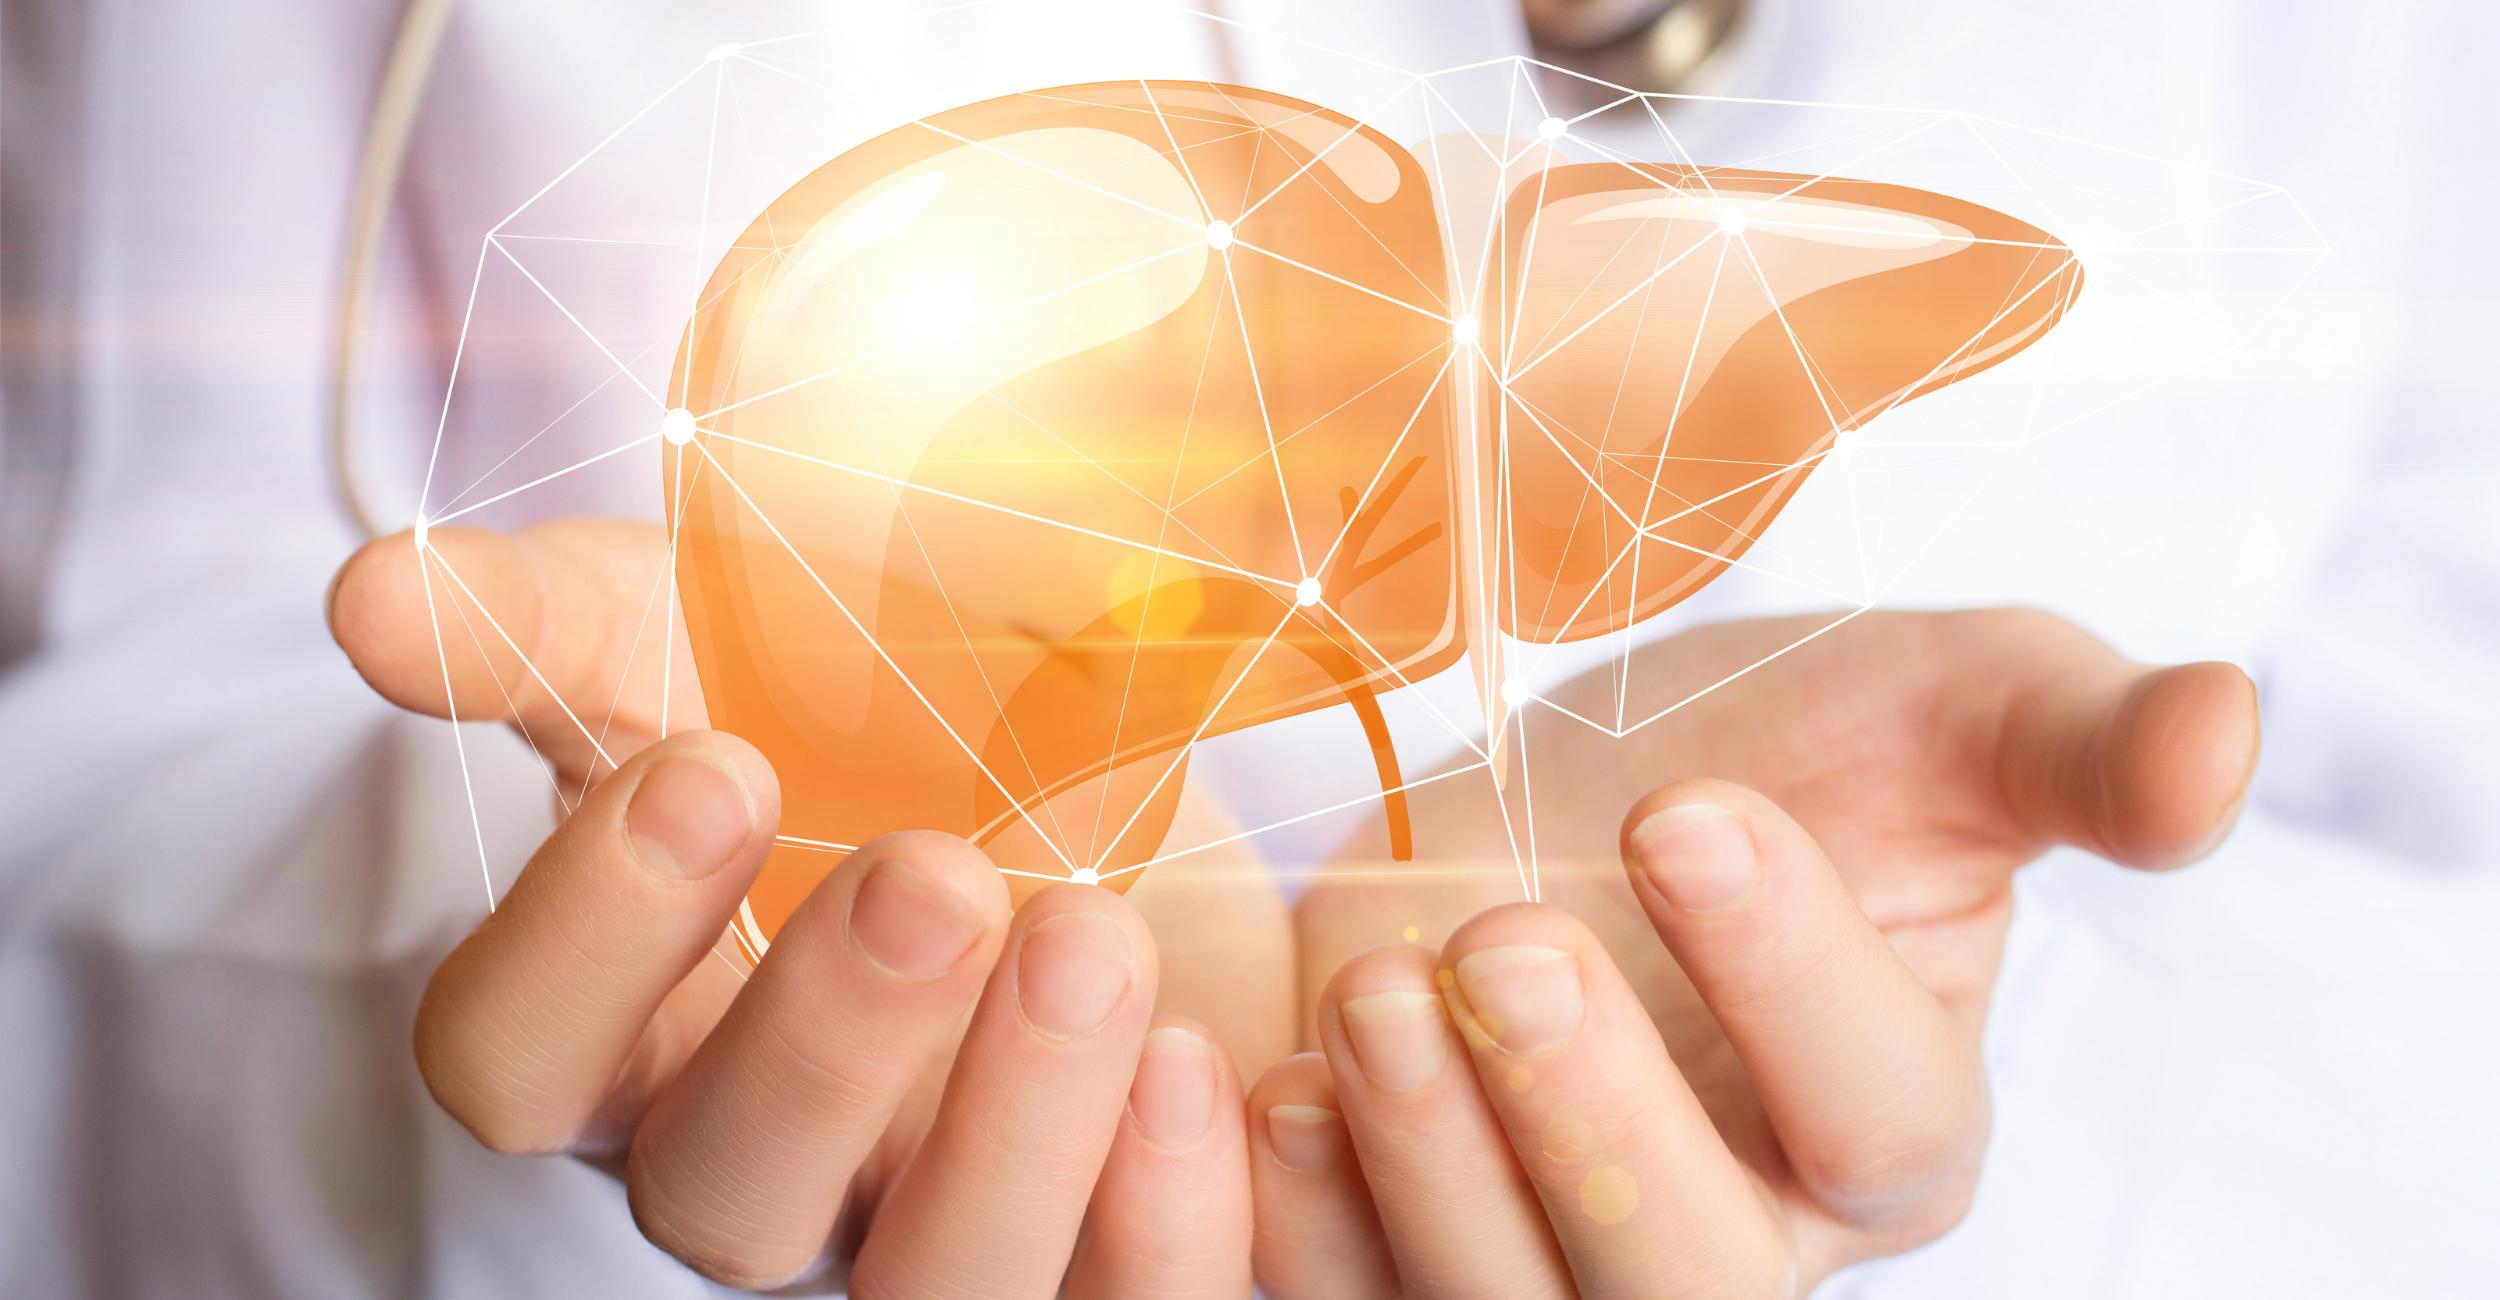 Рак печени: тихие сигналы организма. Что такое рак печени и какие у него симптомы?